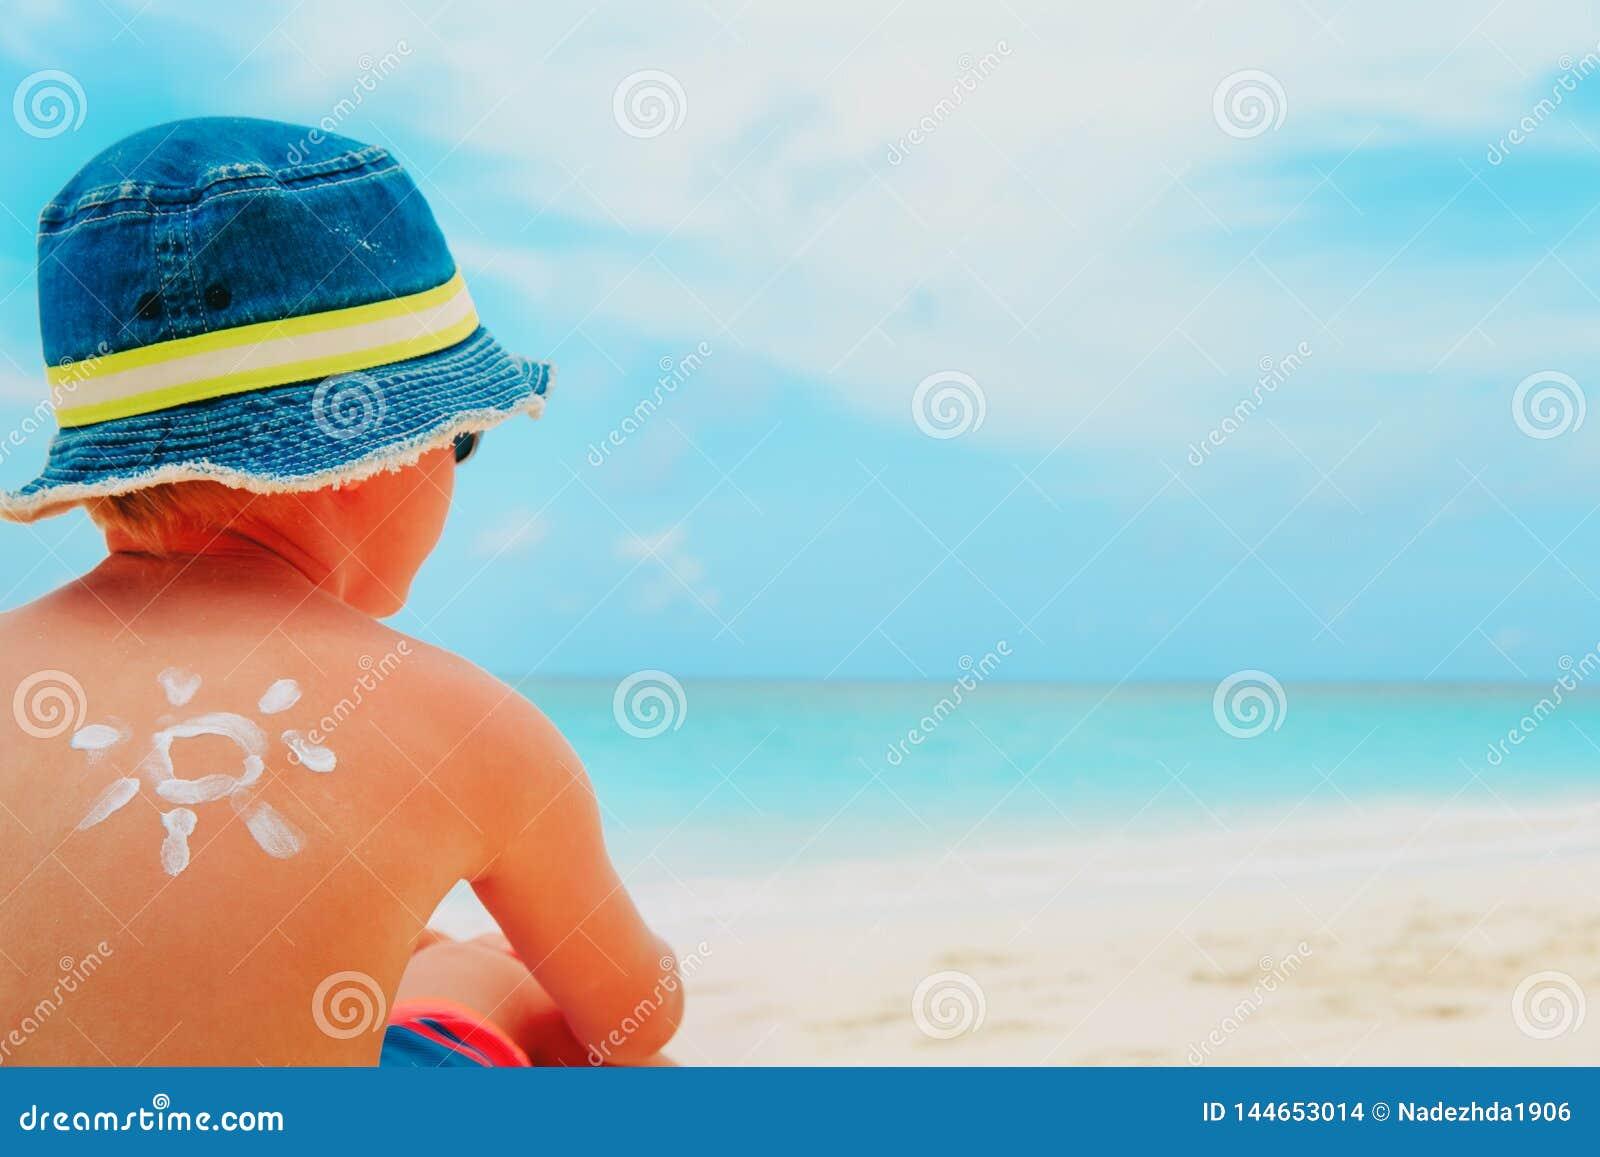 Słońce ochrony chłopiec z suncream przy tropikalną plażą